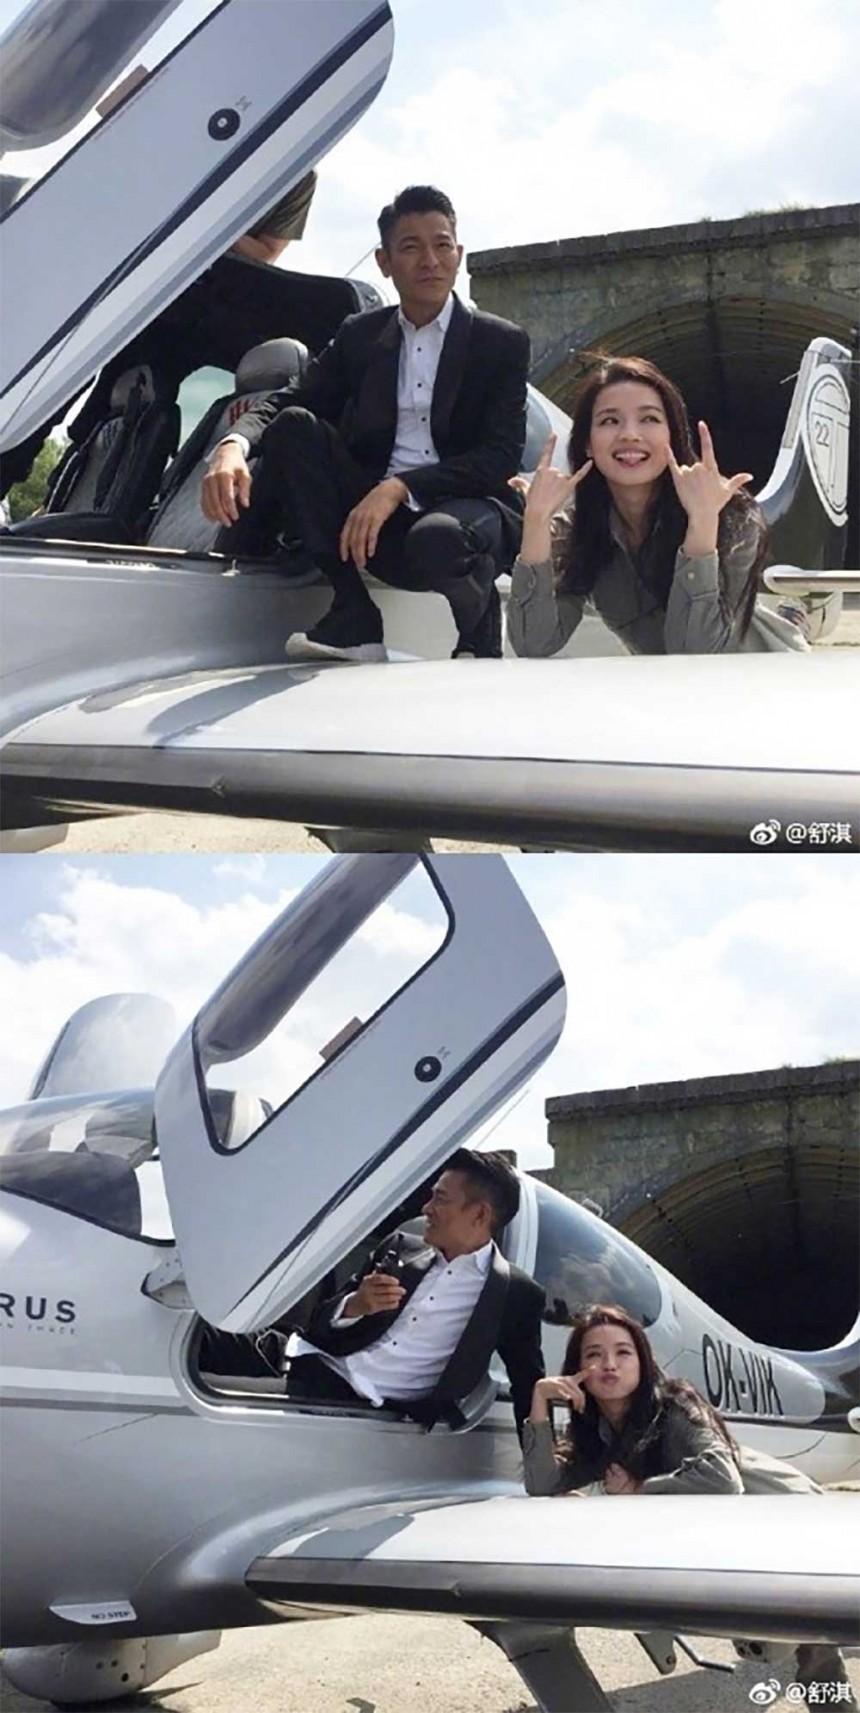 서기-유덕화 / 서기 웨이보